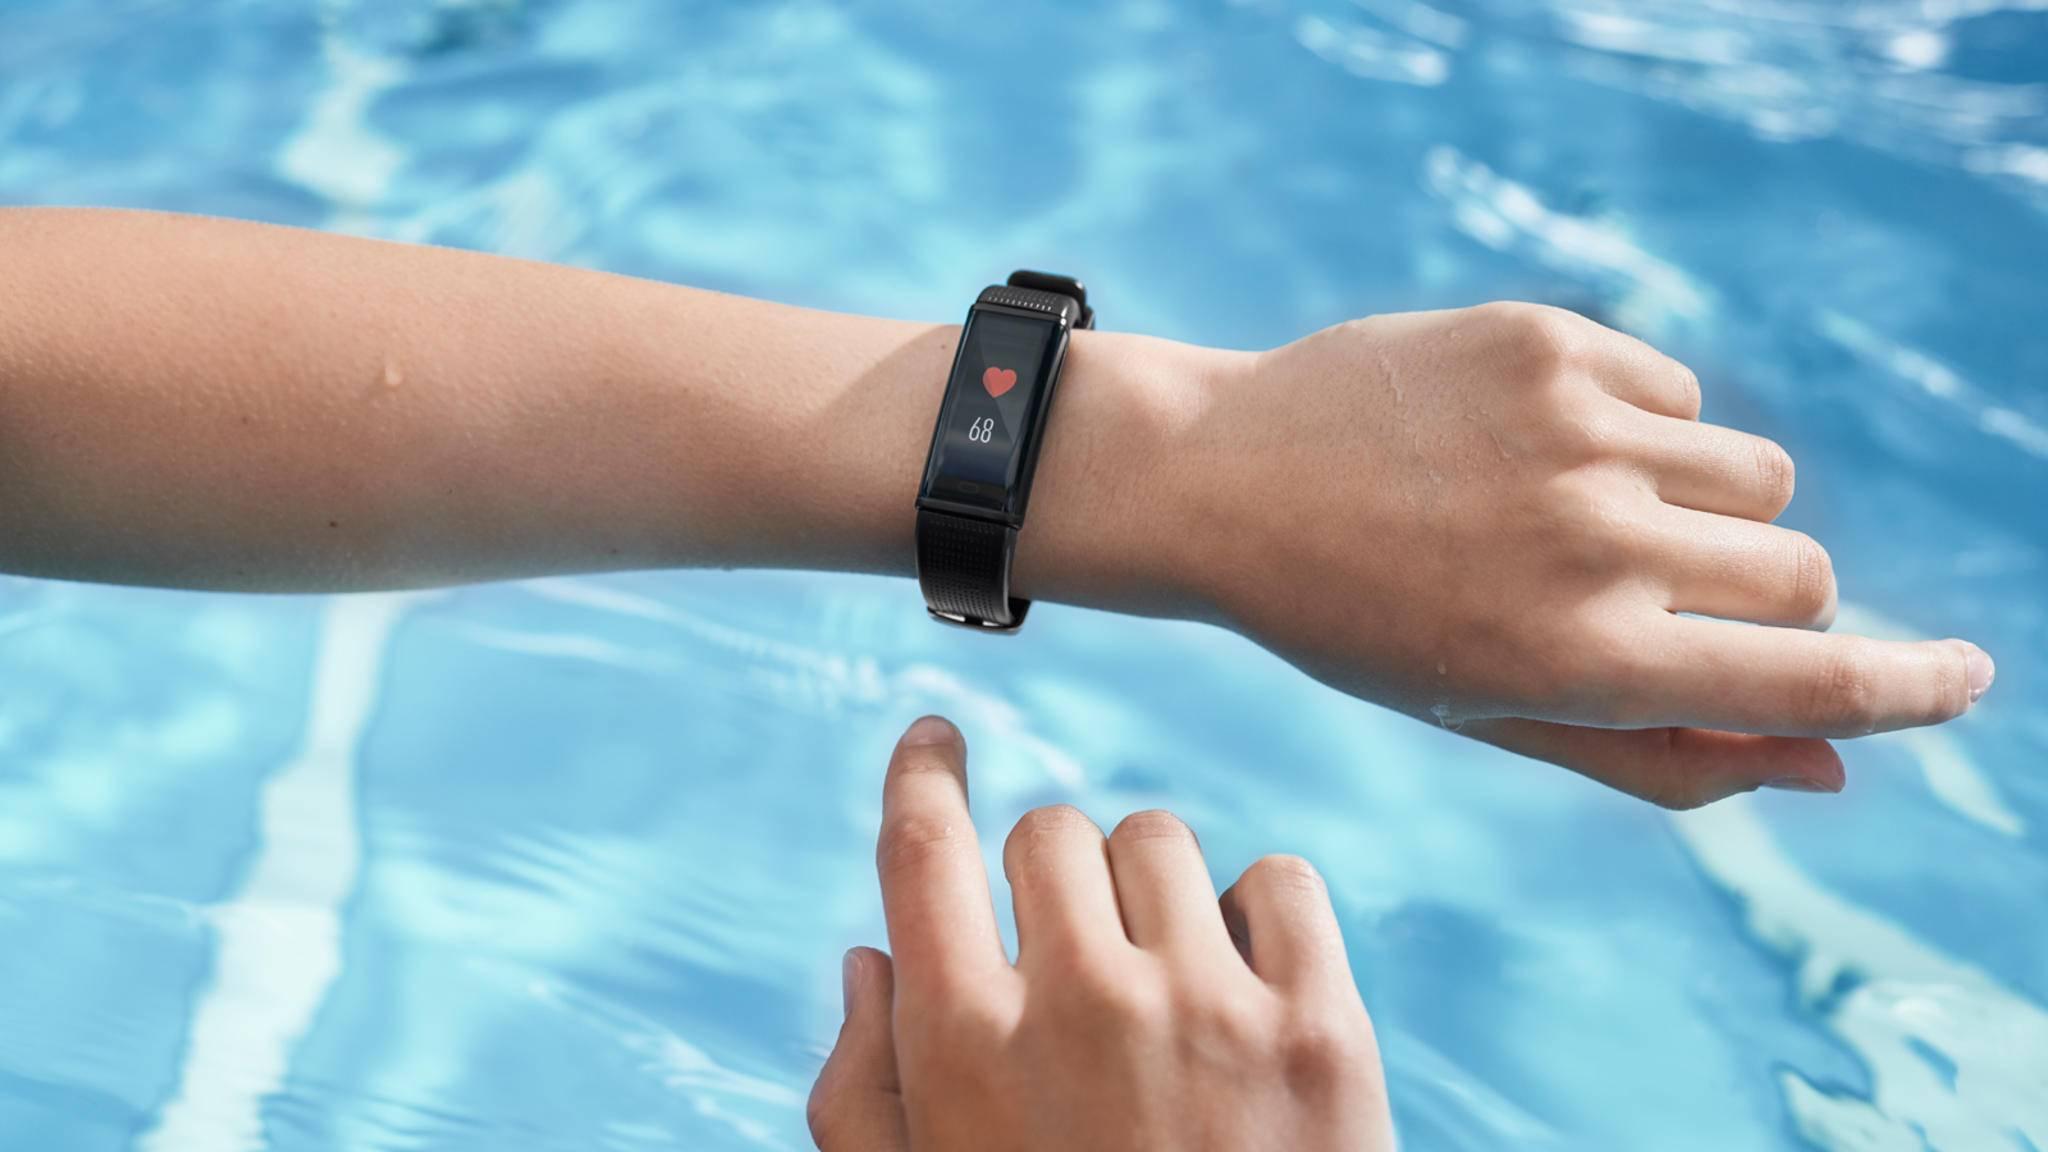 Mit dem neuen Fitness-Tracker von Acme kannst Du auch bedenkenlos ins Wasser springen.